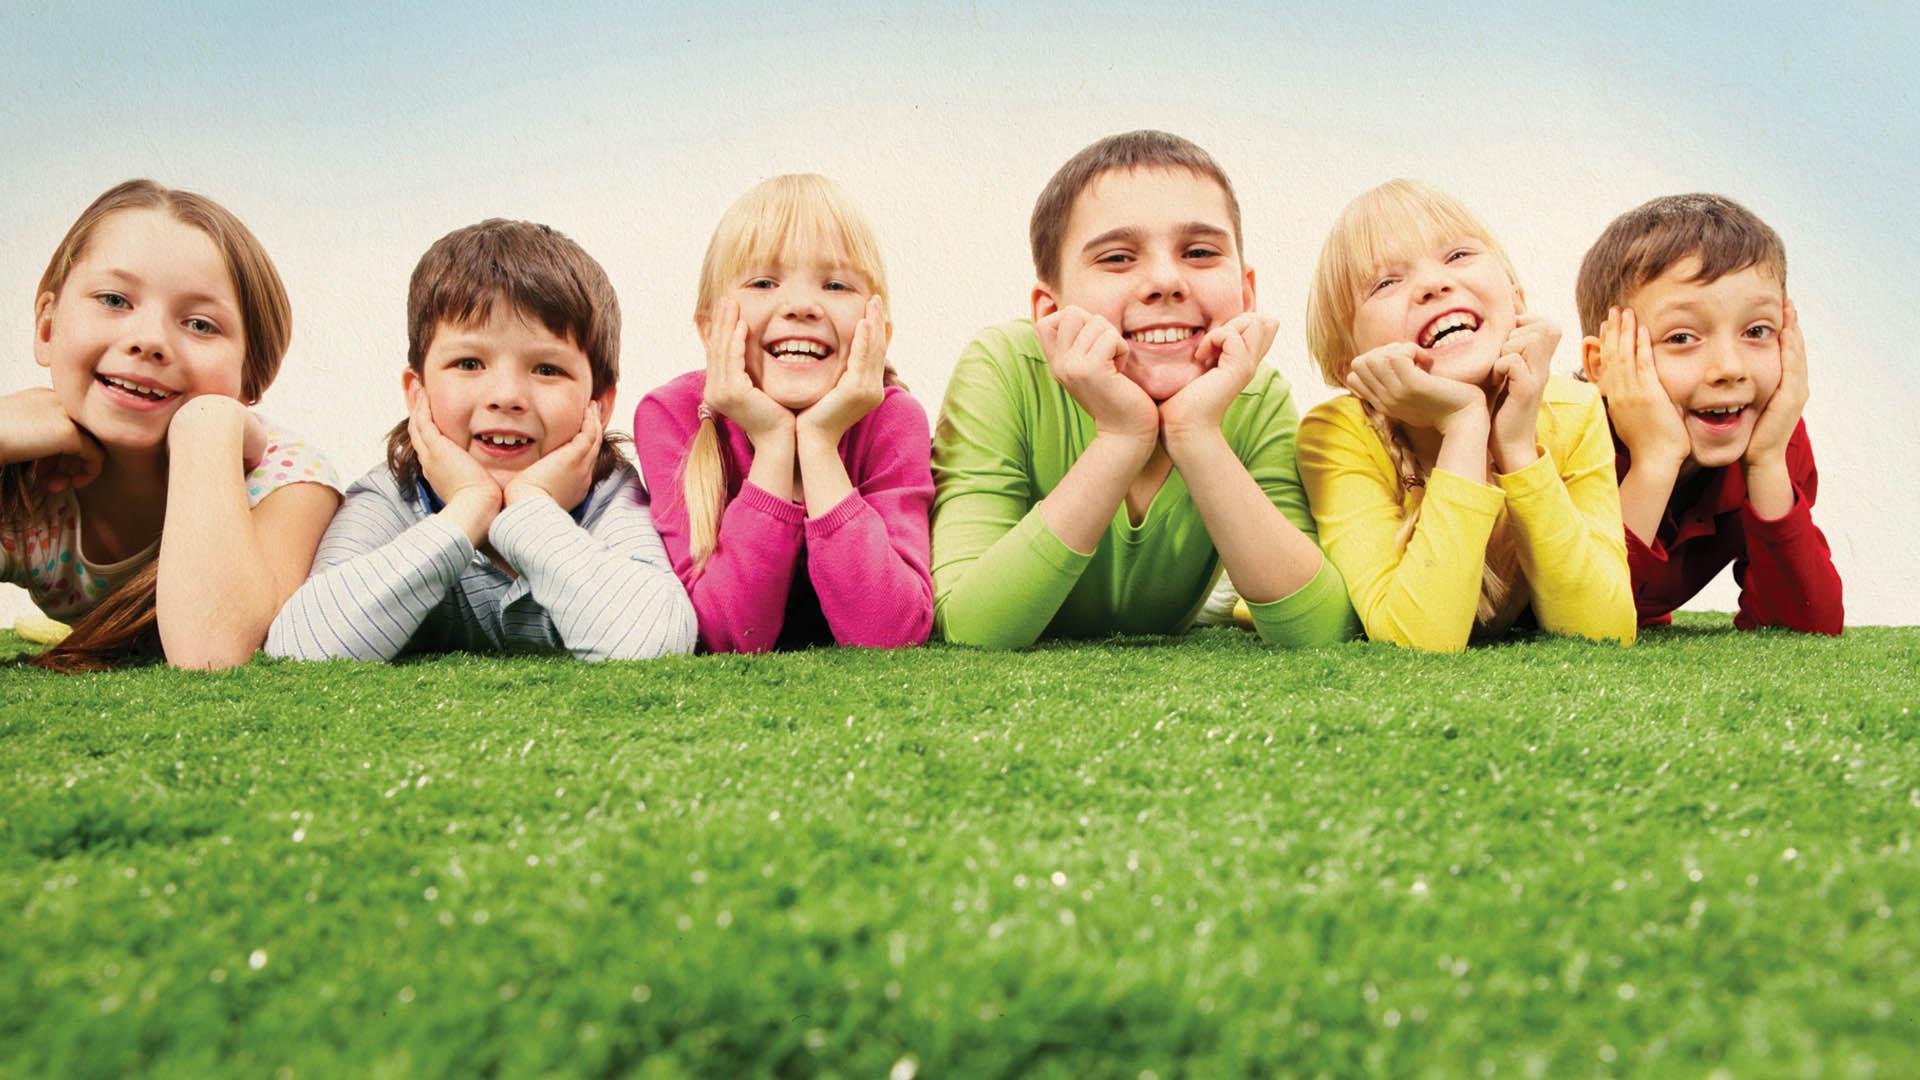 espatriare con i figli e la famiglia all'estero